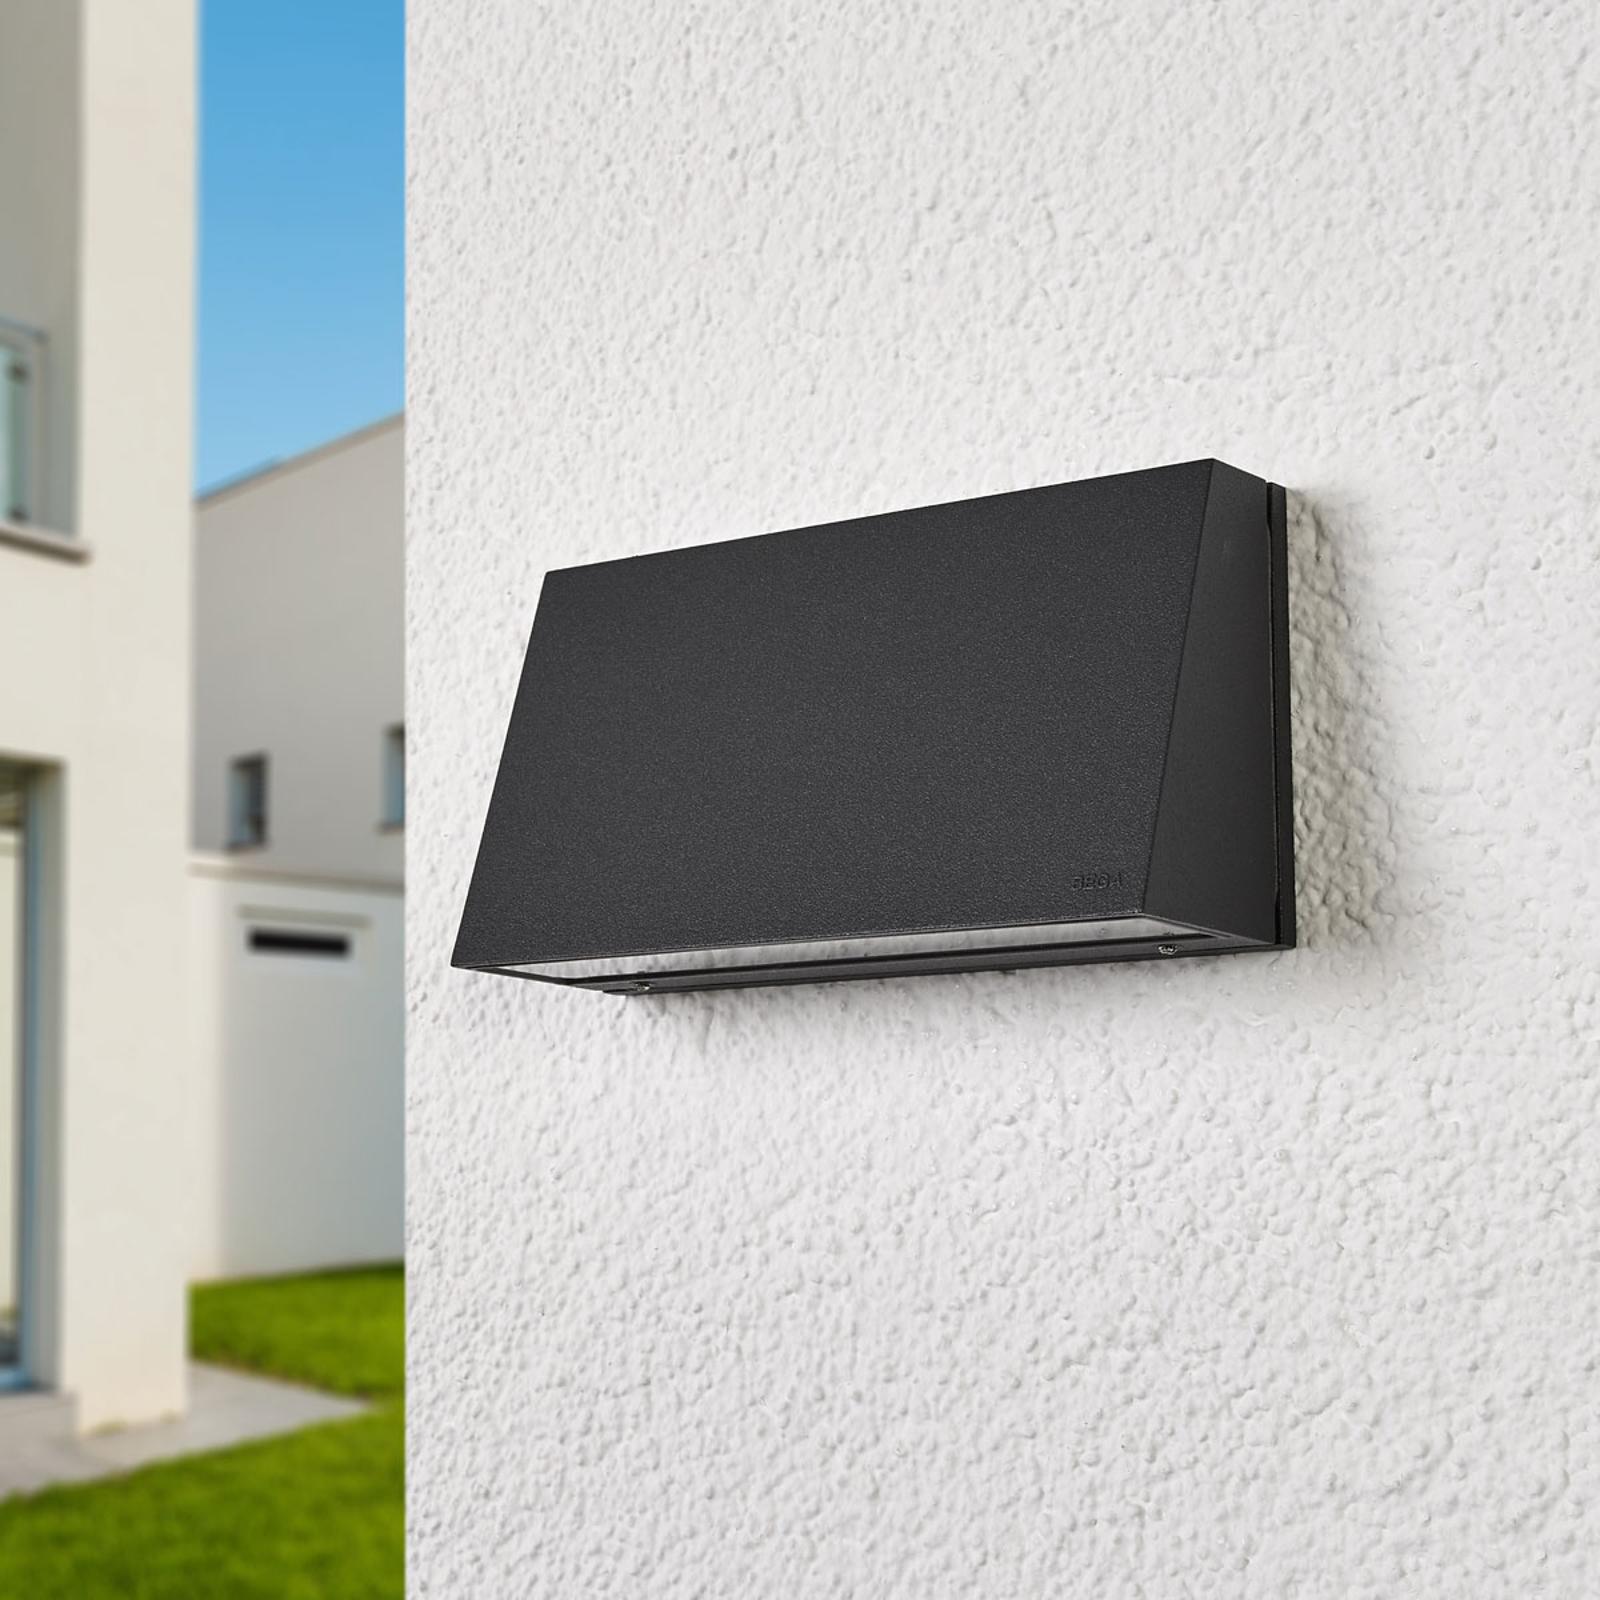 Applique d'extérieur LED 22261K3 9,5x17,5cm